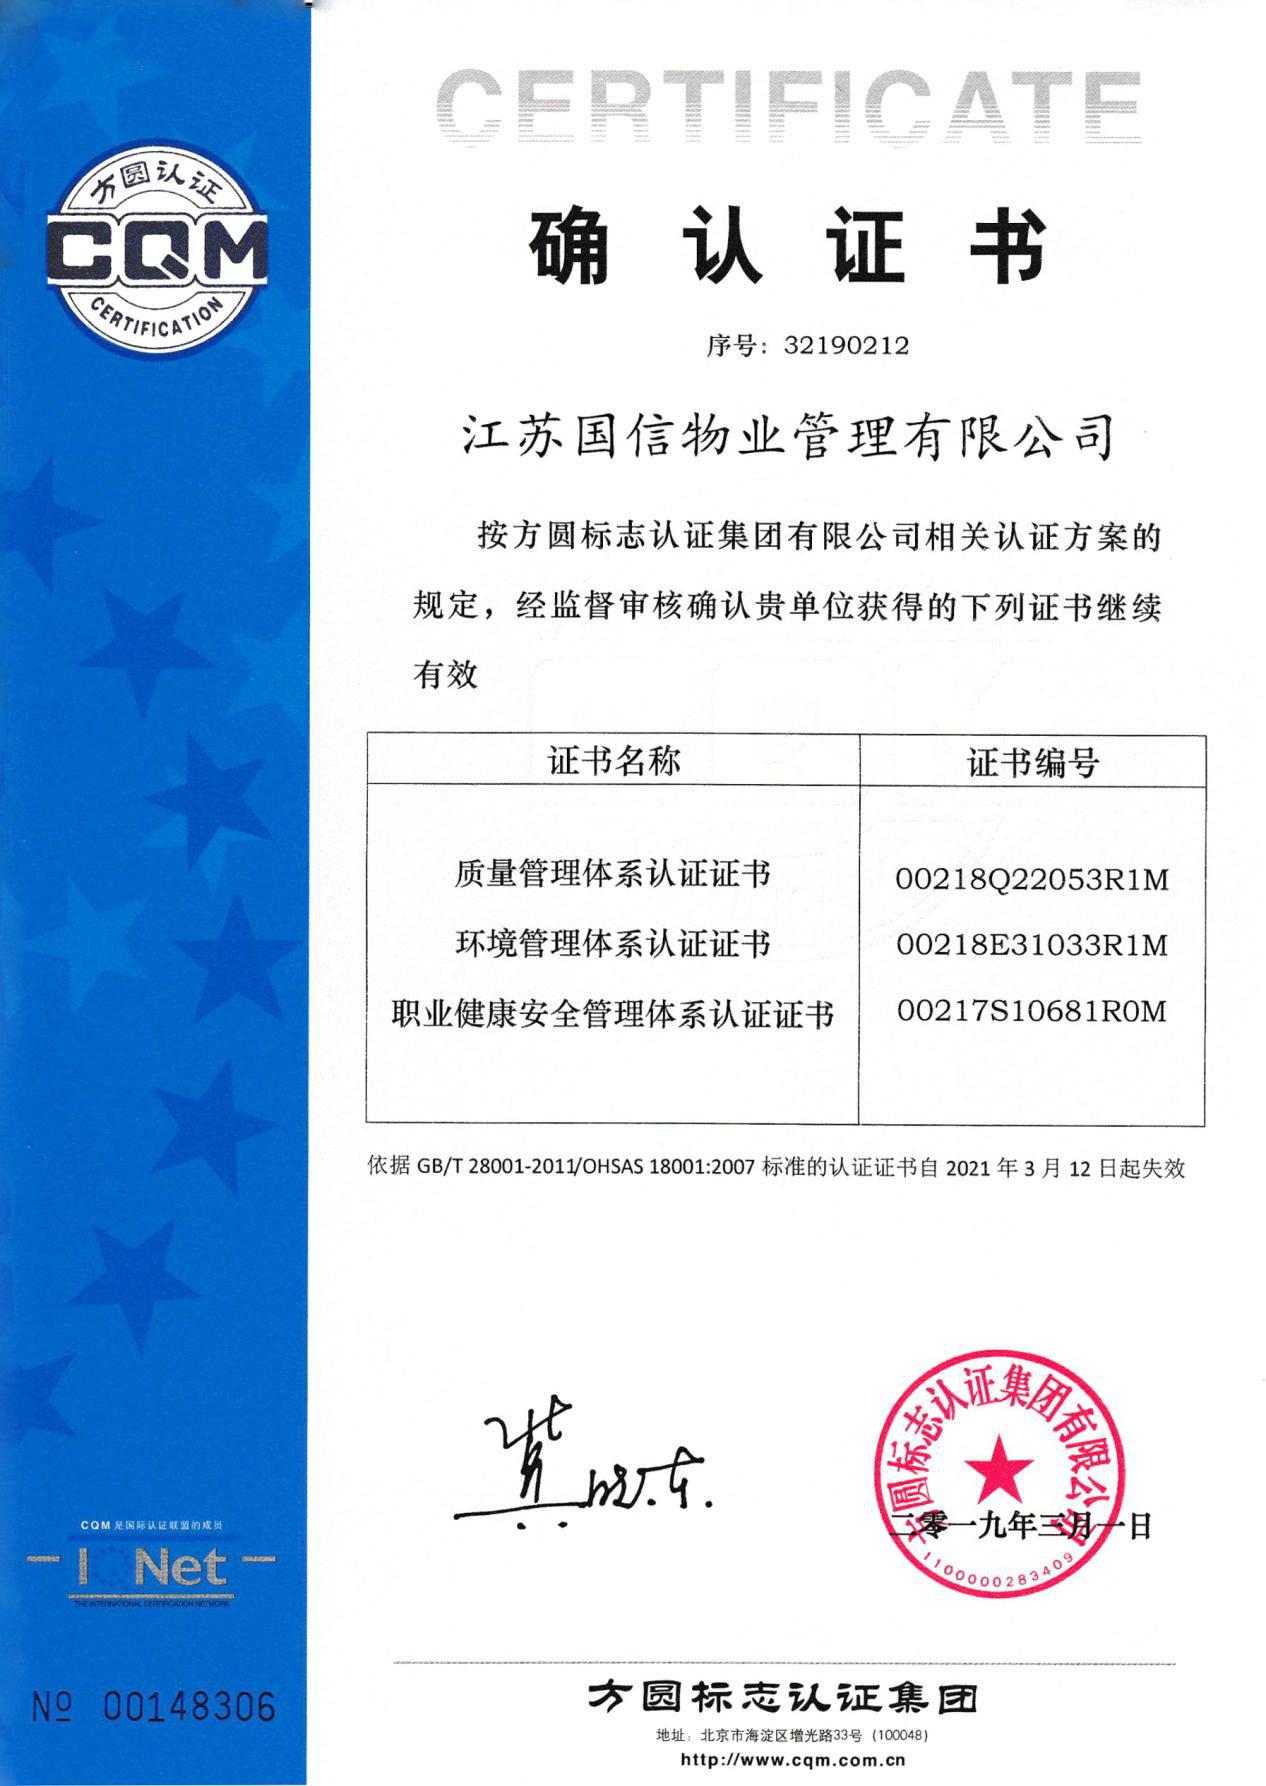 通过年度审验确认证书